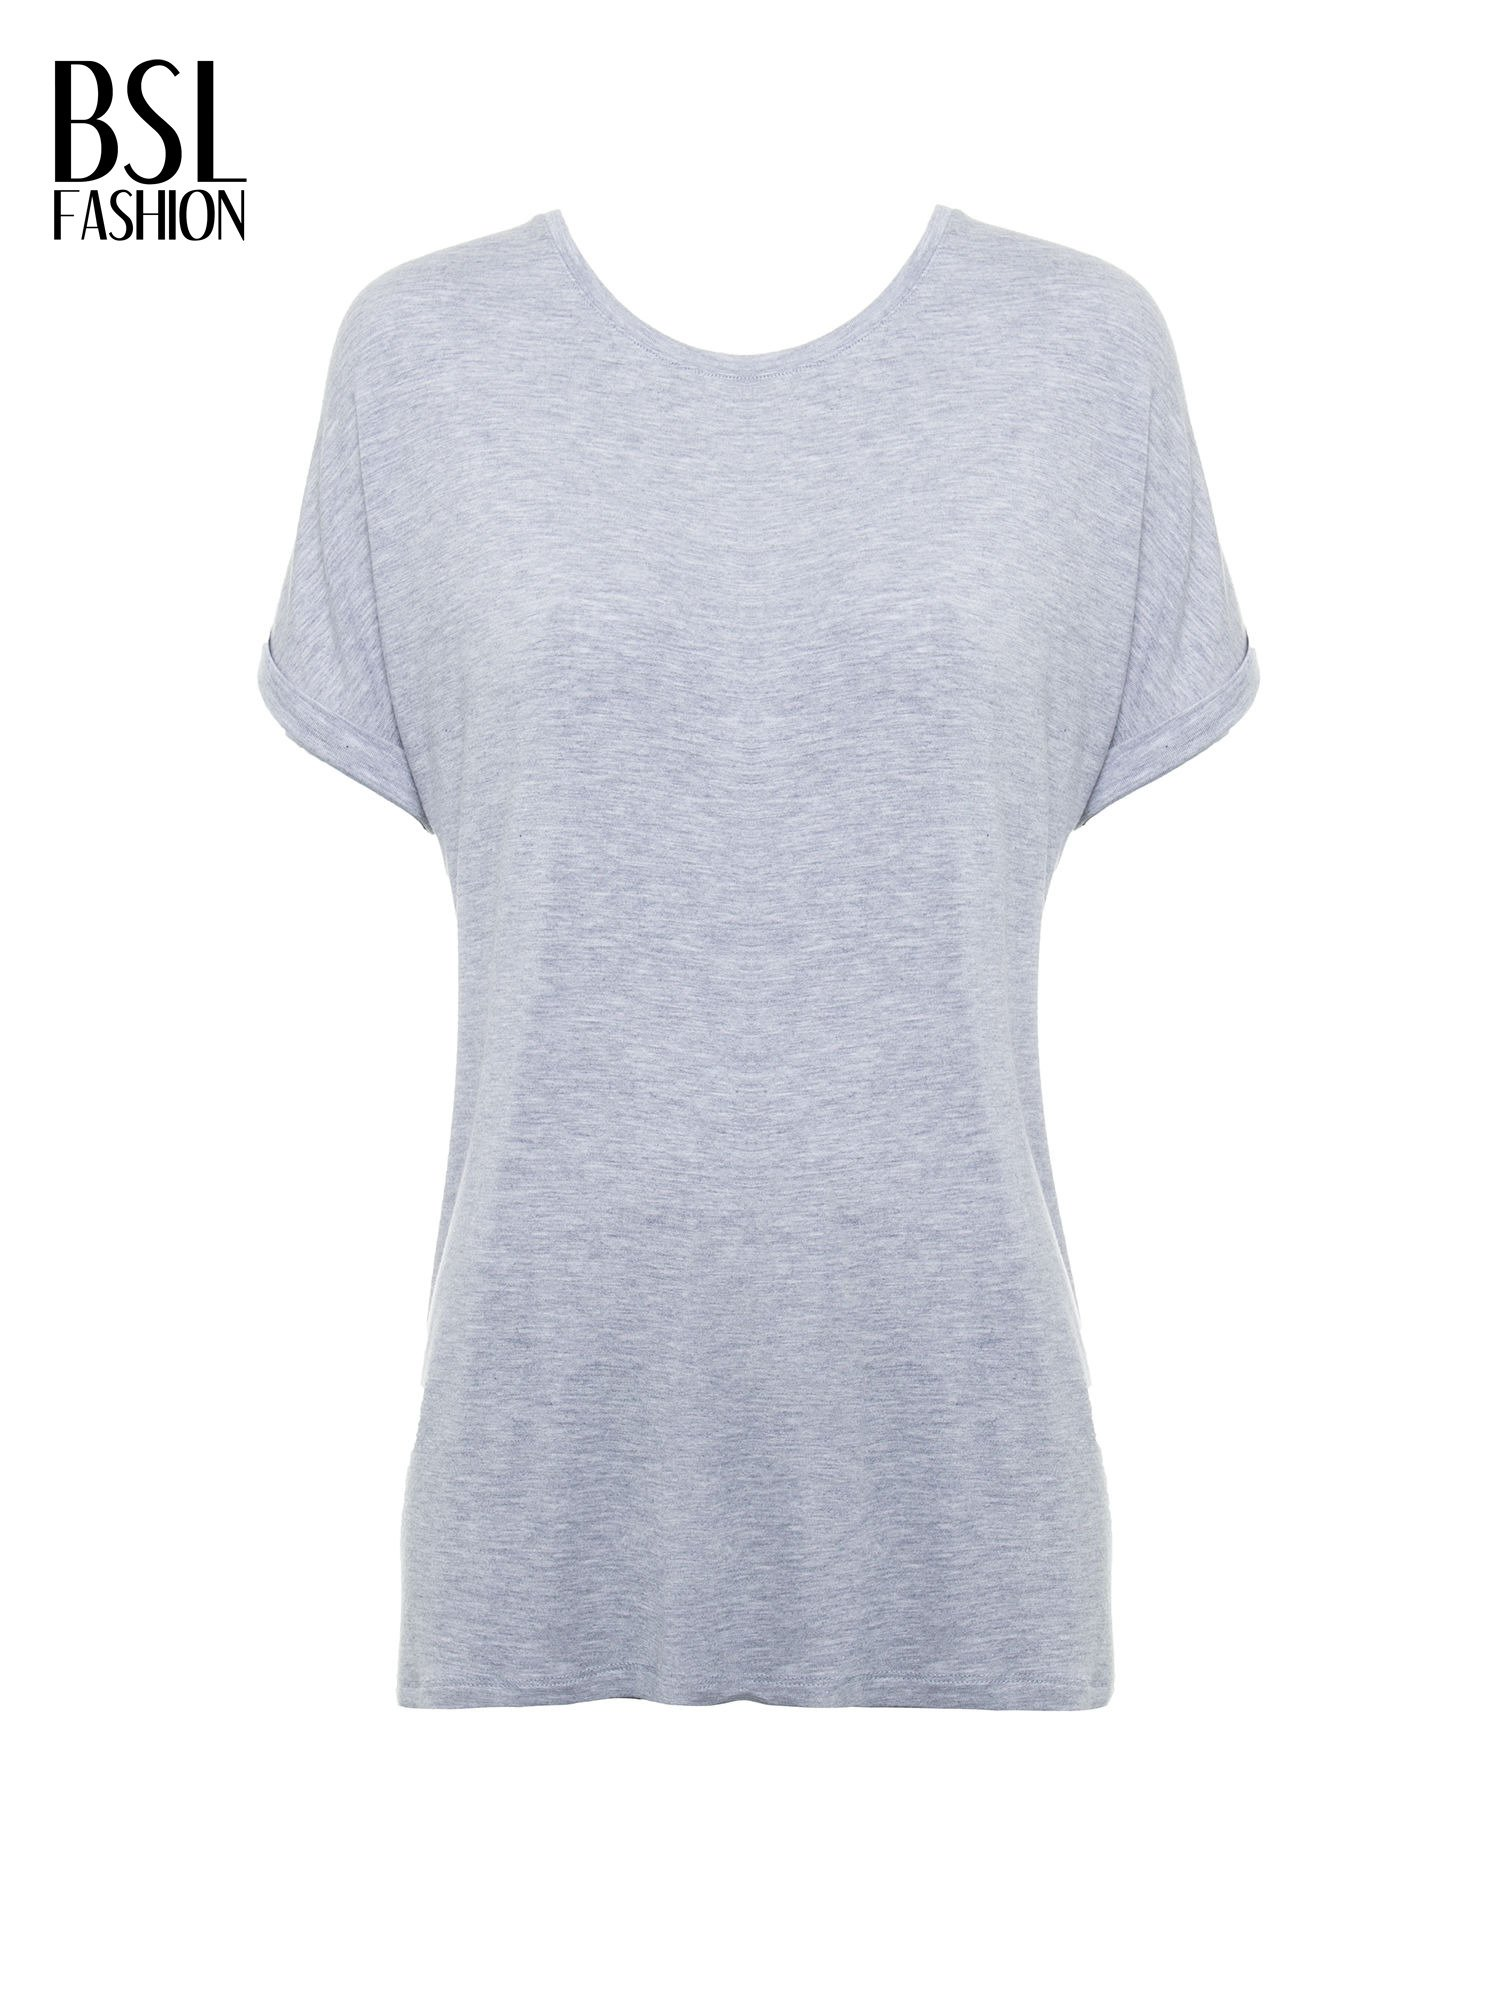 Szary t-shirt z nadrukiem ROCK na plecach                                  zdj.                                  2